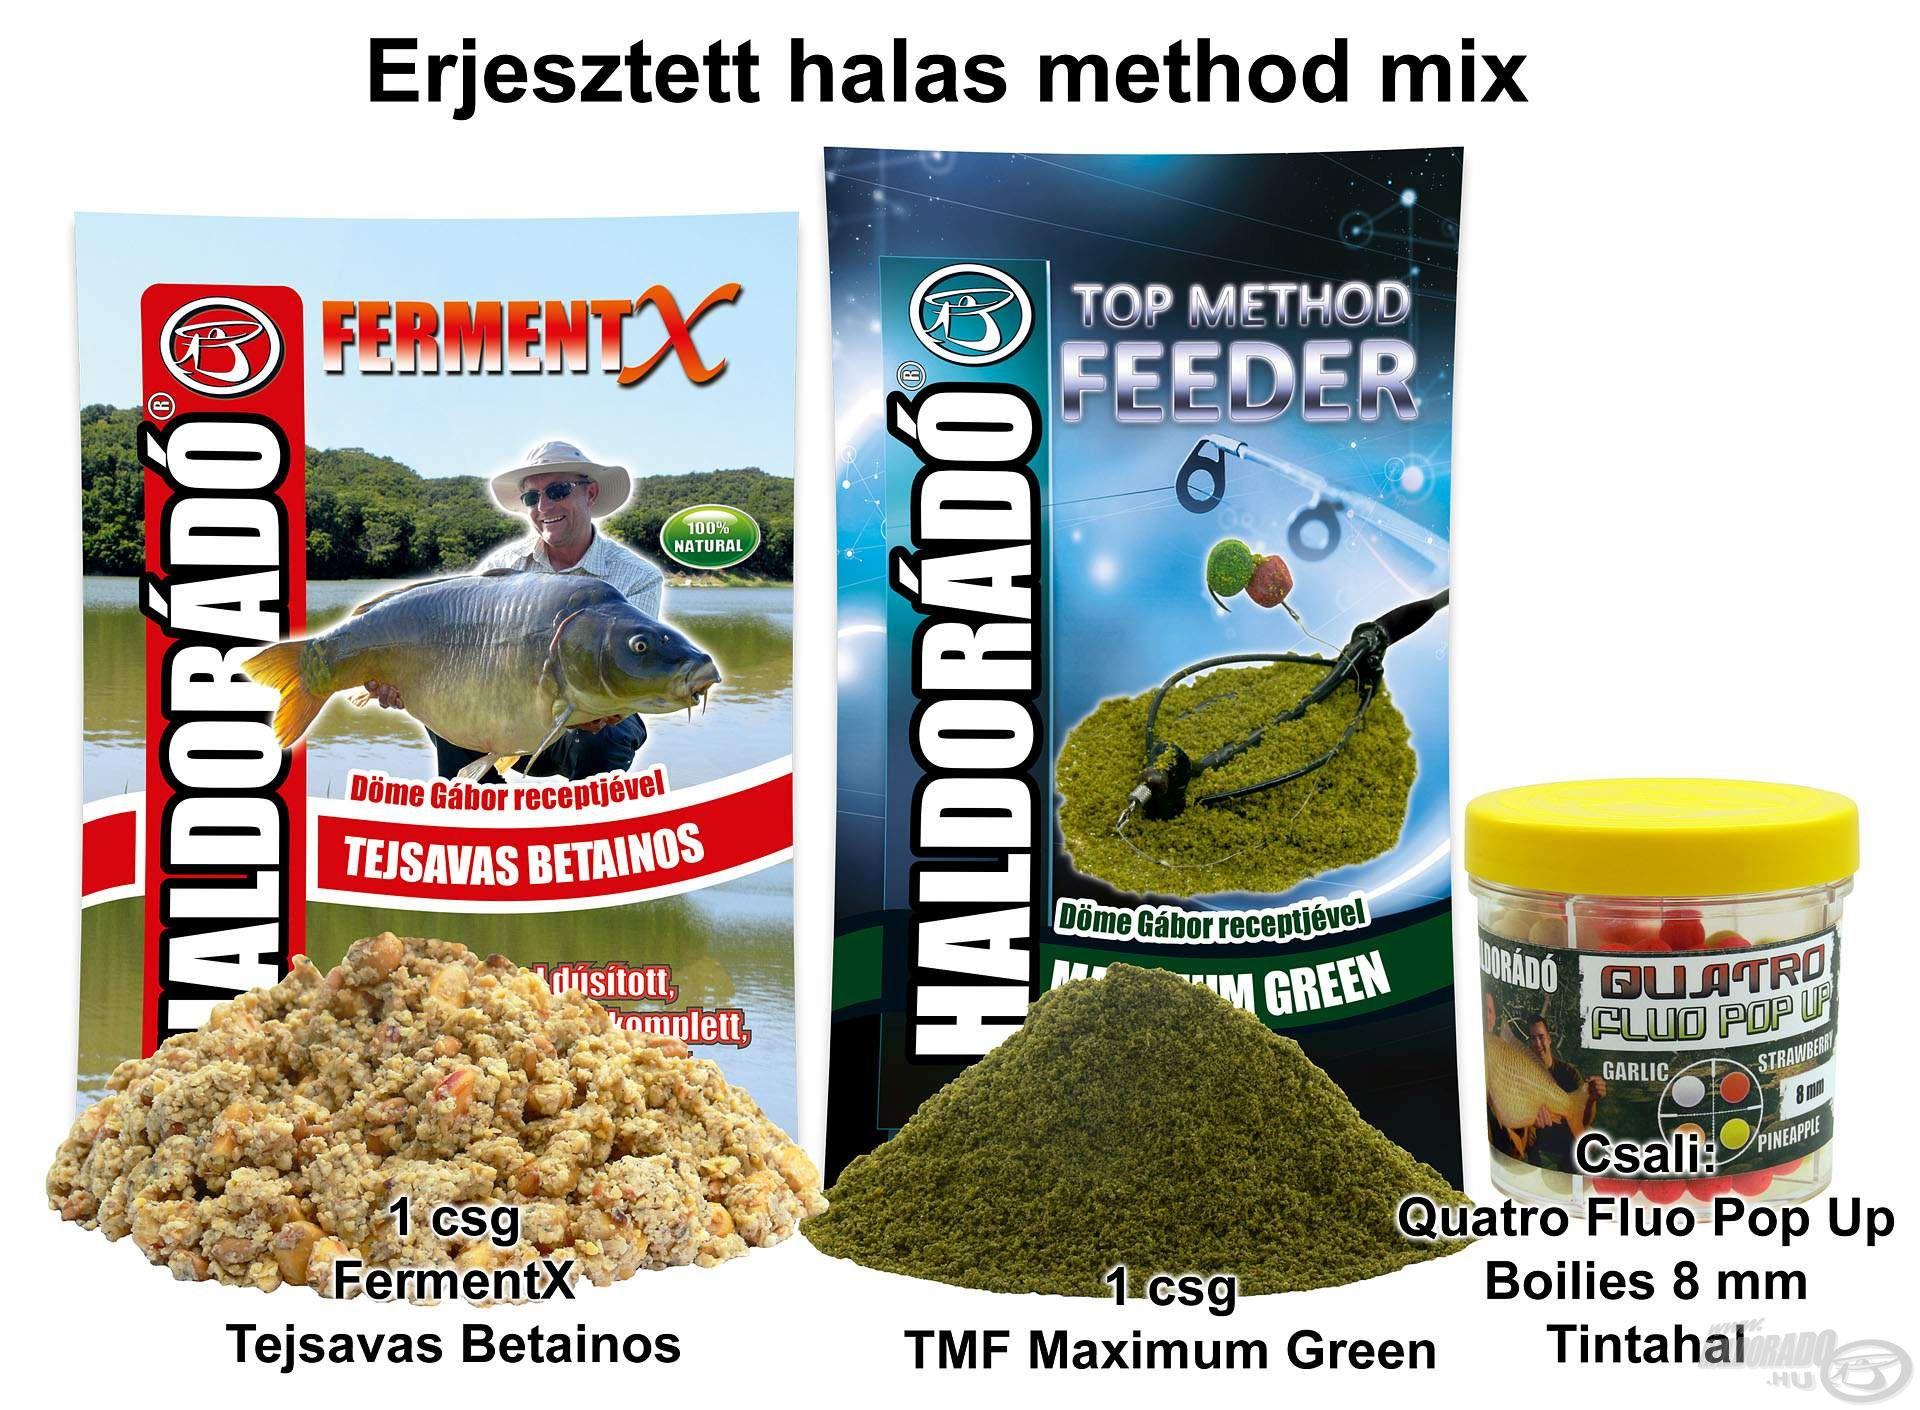 Erjesztett halas method mix